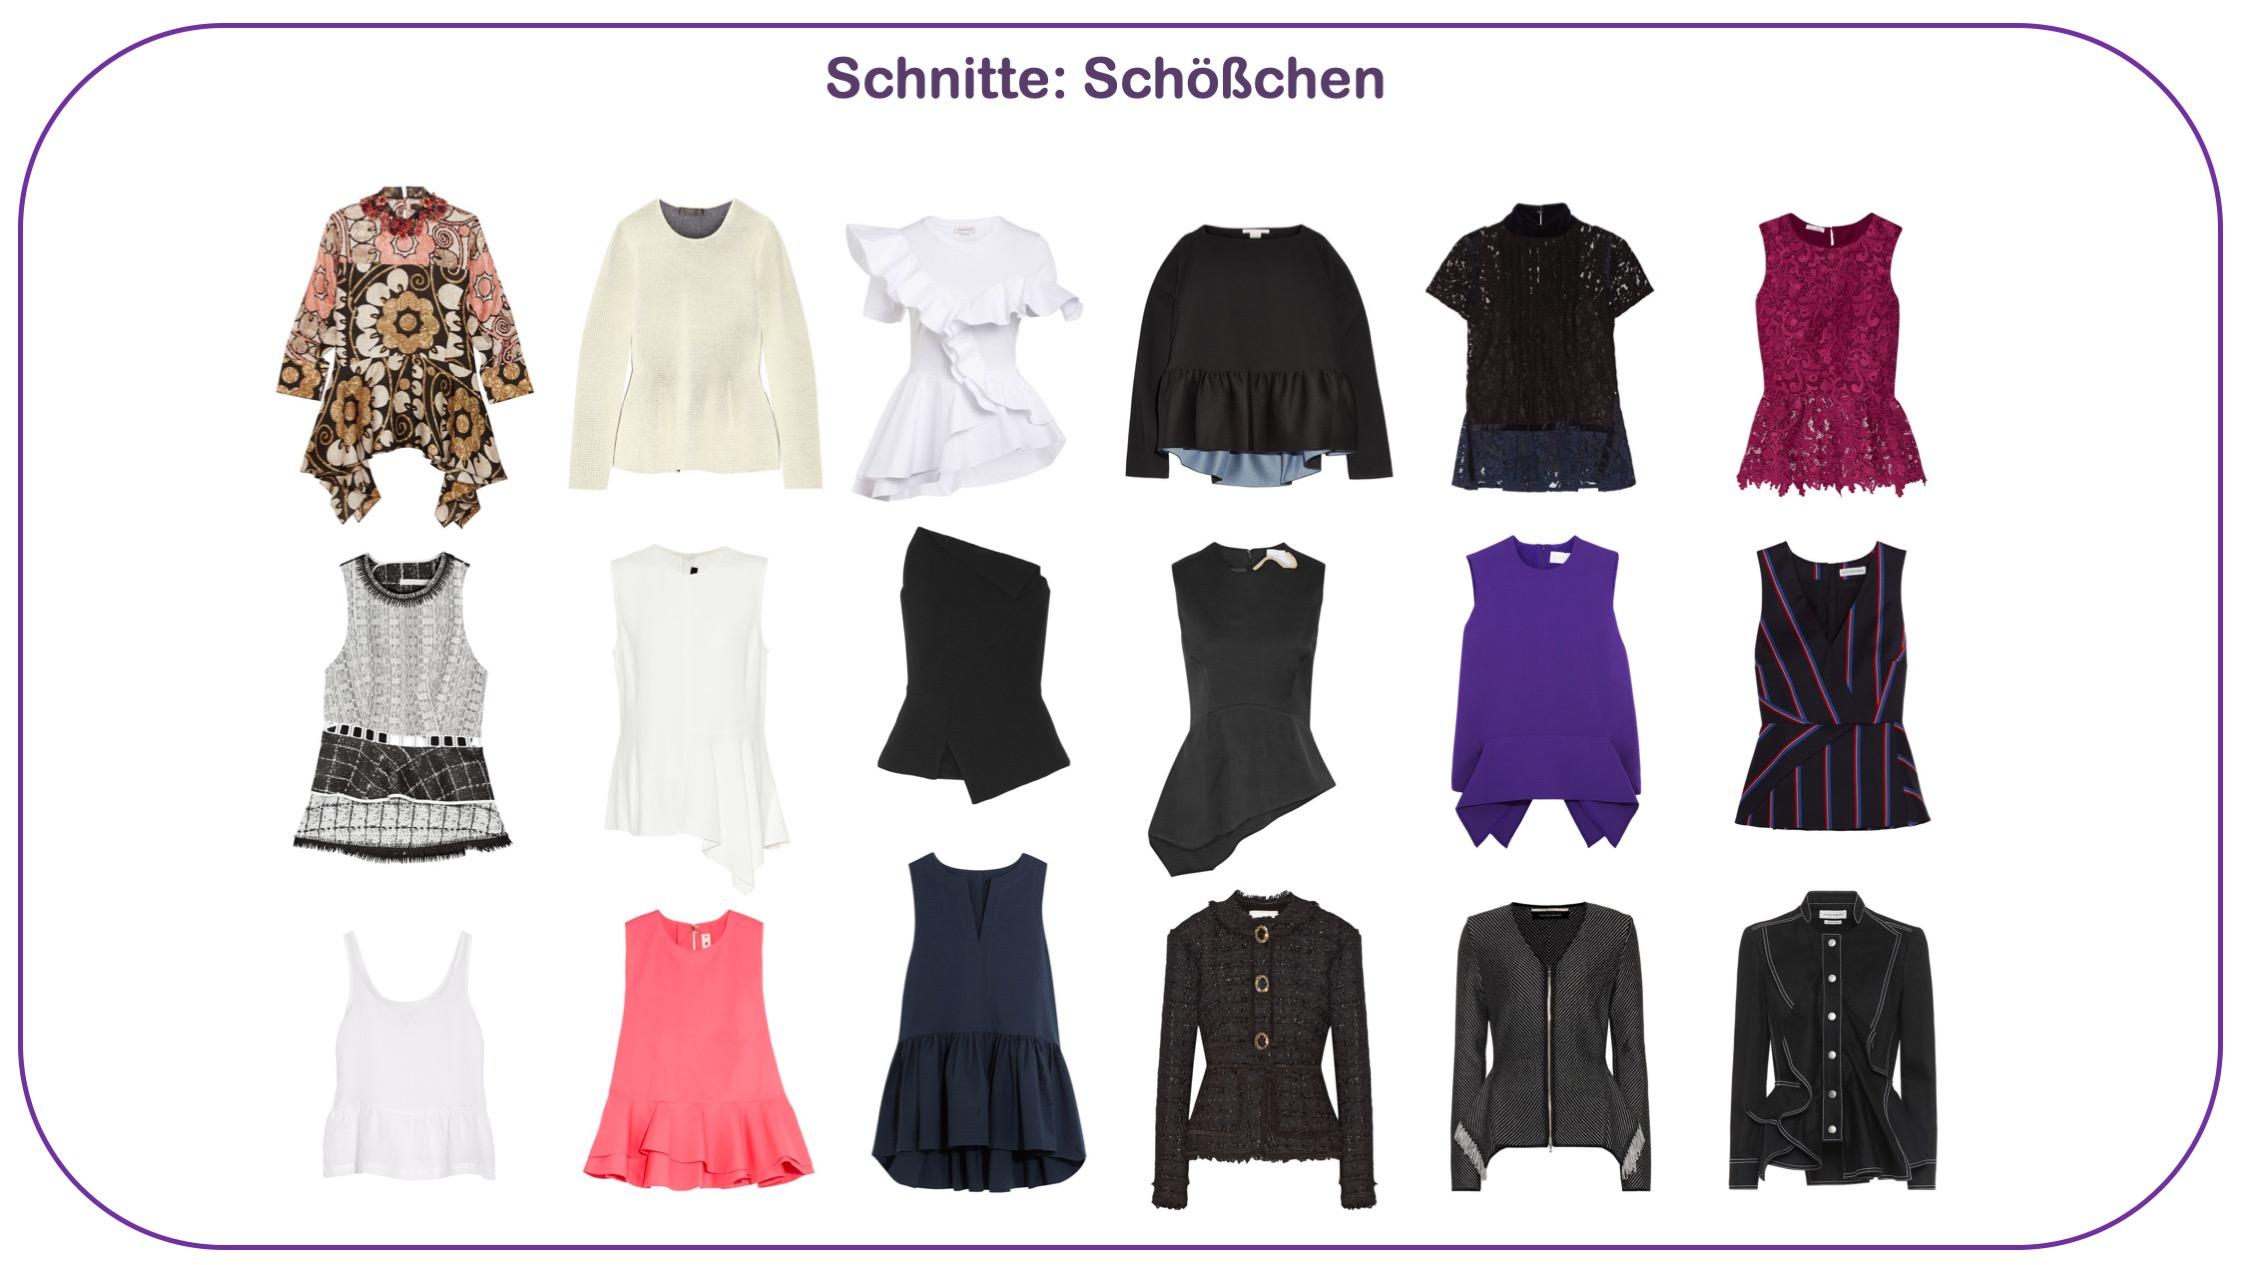 Modetrends Frühjahr/Sommer 2020 - Oberteile mit Schößchen für Frauen über 40